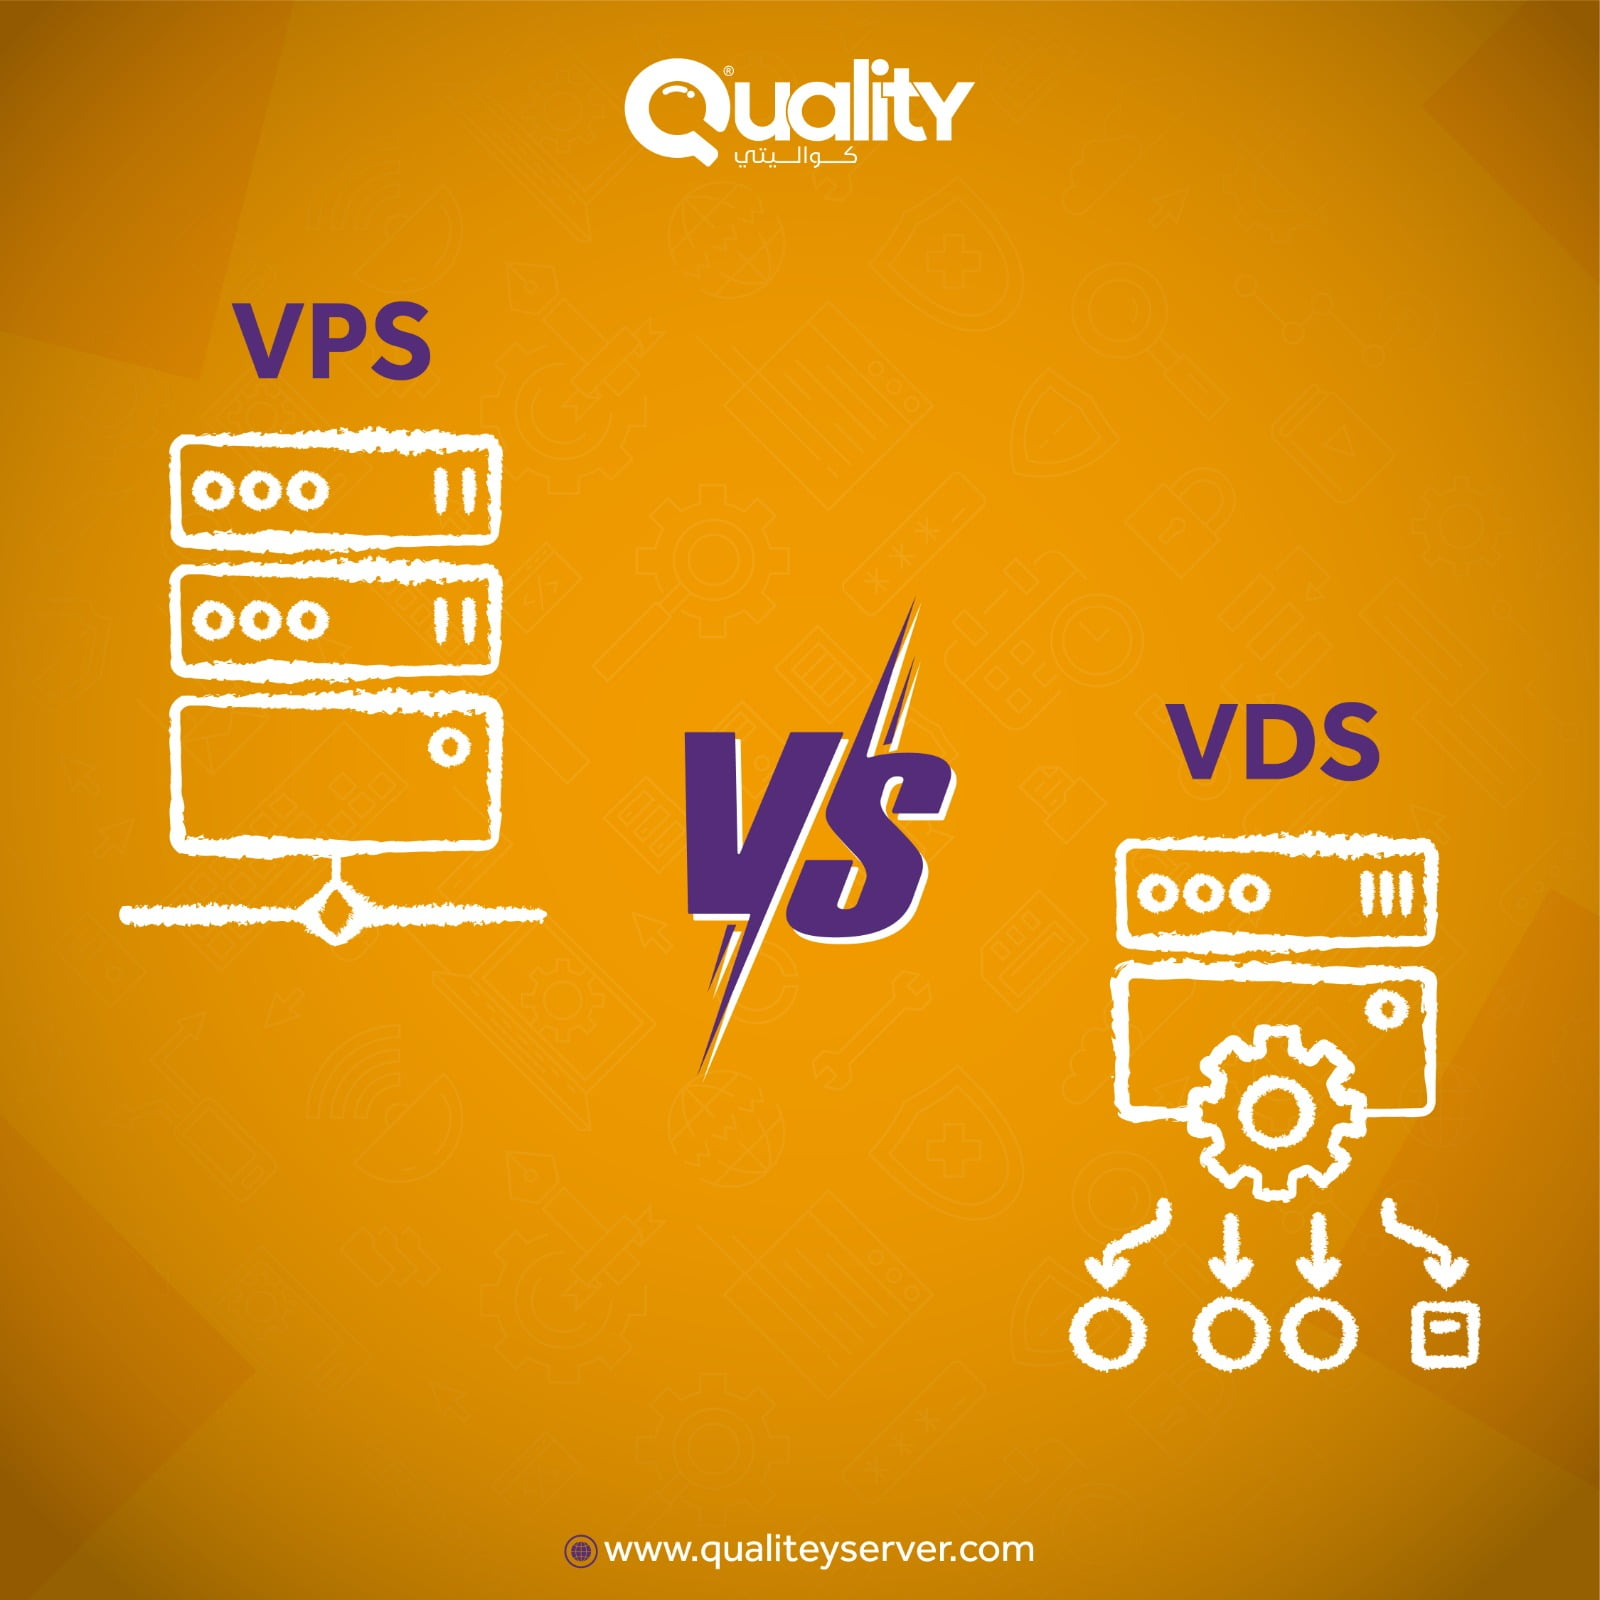 السيرفرات المشتركة VPS والسيرفرات الخاصة VDS والفرق بينهما